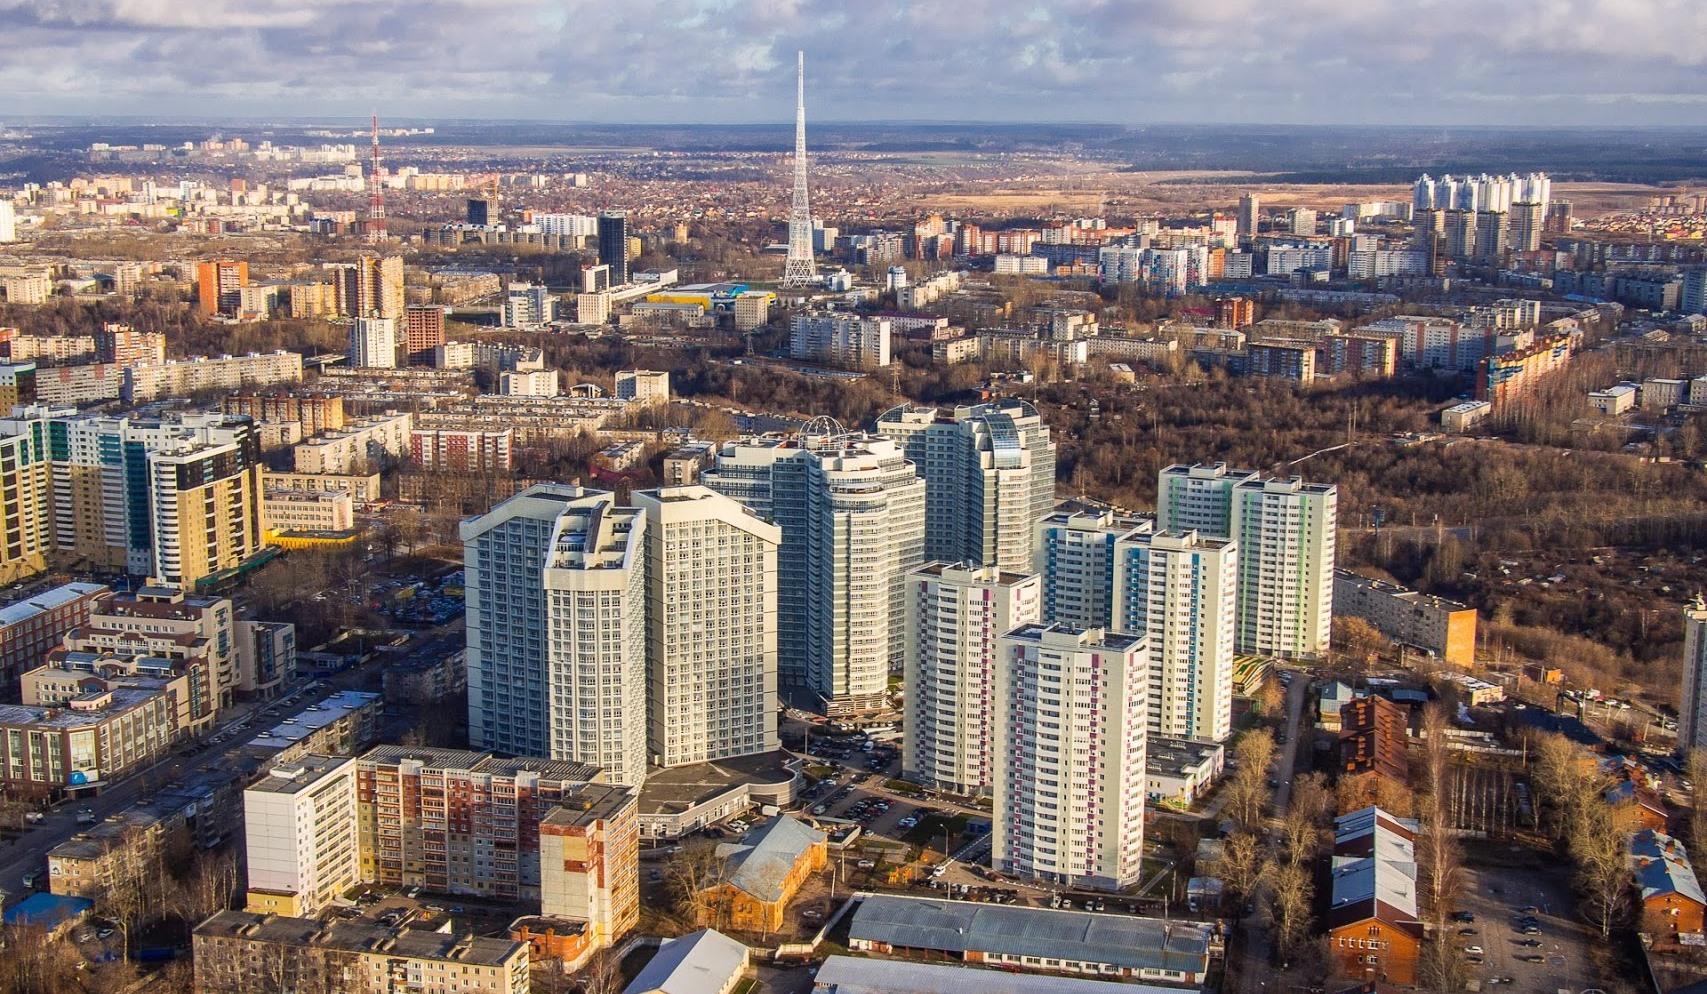 Фото из открытых источников сети Интернет | Пермь, Пермский край